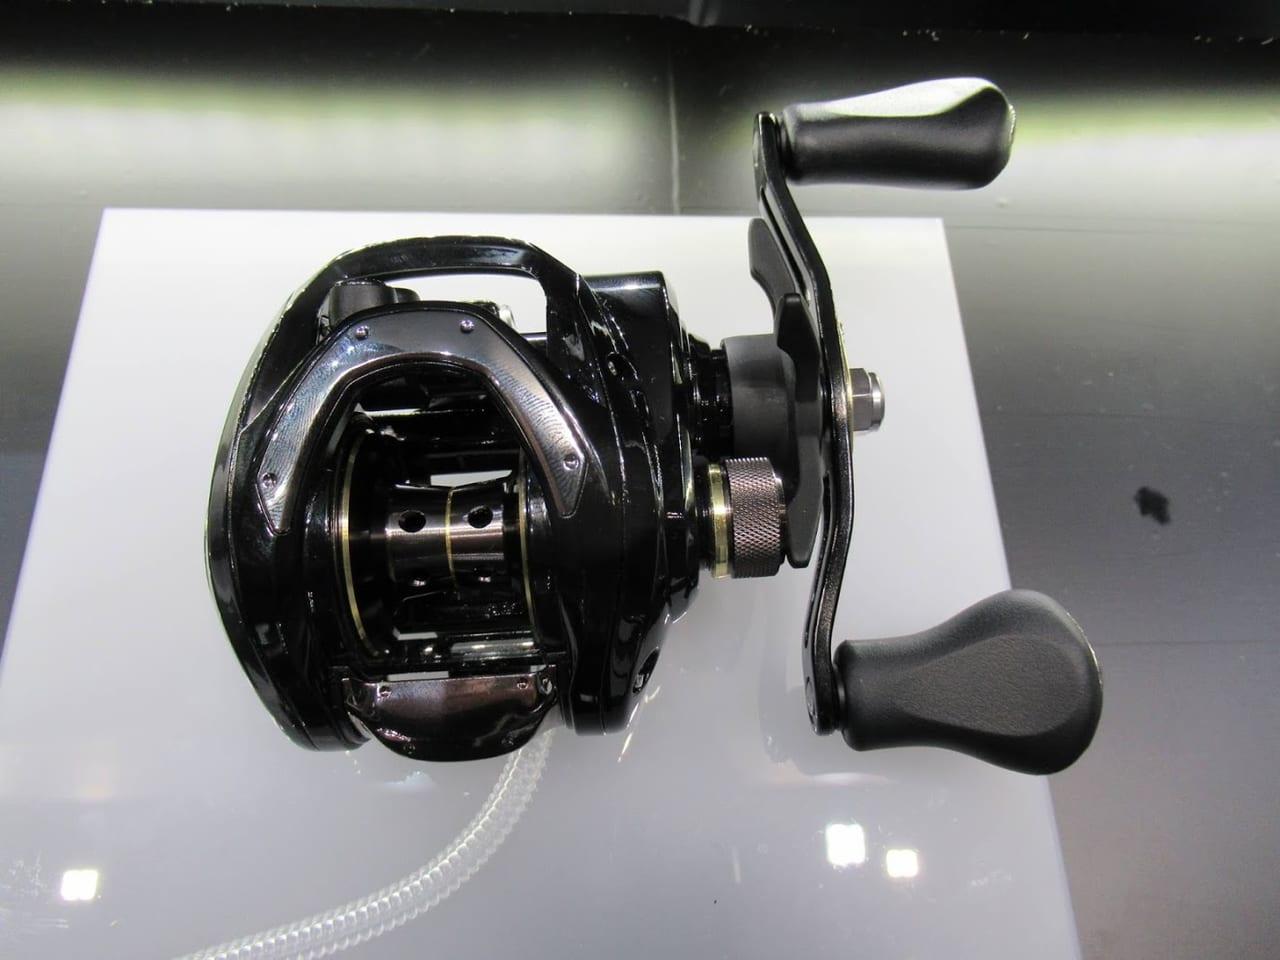 ダイワの2019低価格帯ベイトリール「バスX」低価格なのに格好良い入門者用リール。